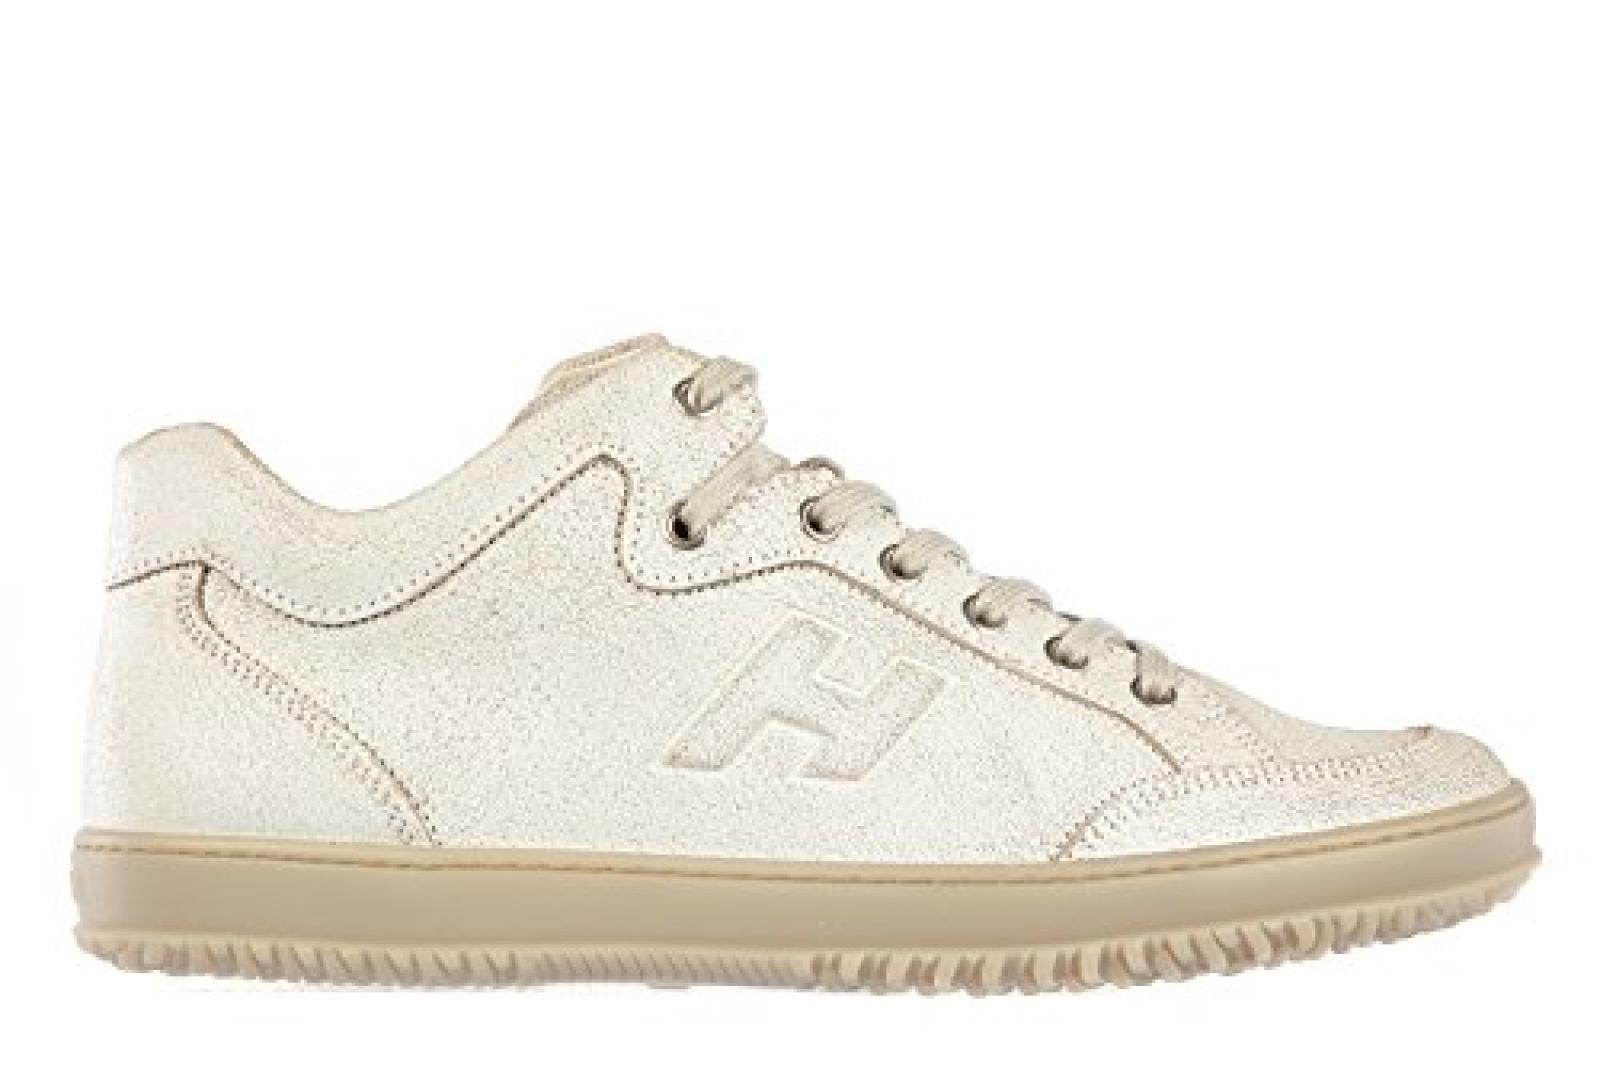 Hogan Herrenschuhe Herren Leder Schuhe Sneakers h168 mid cut Weiß